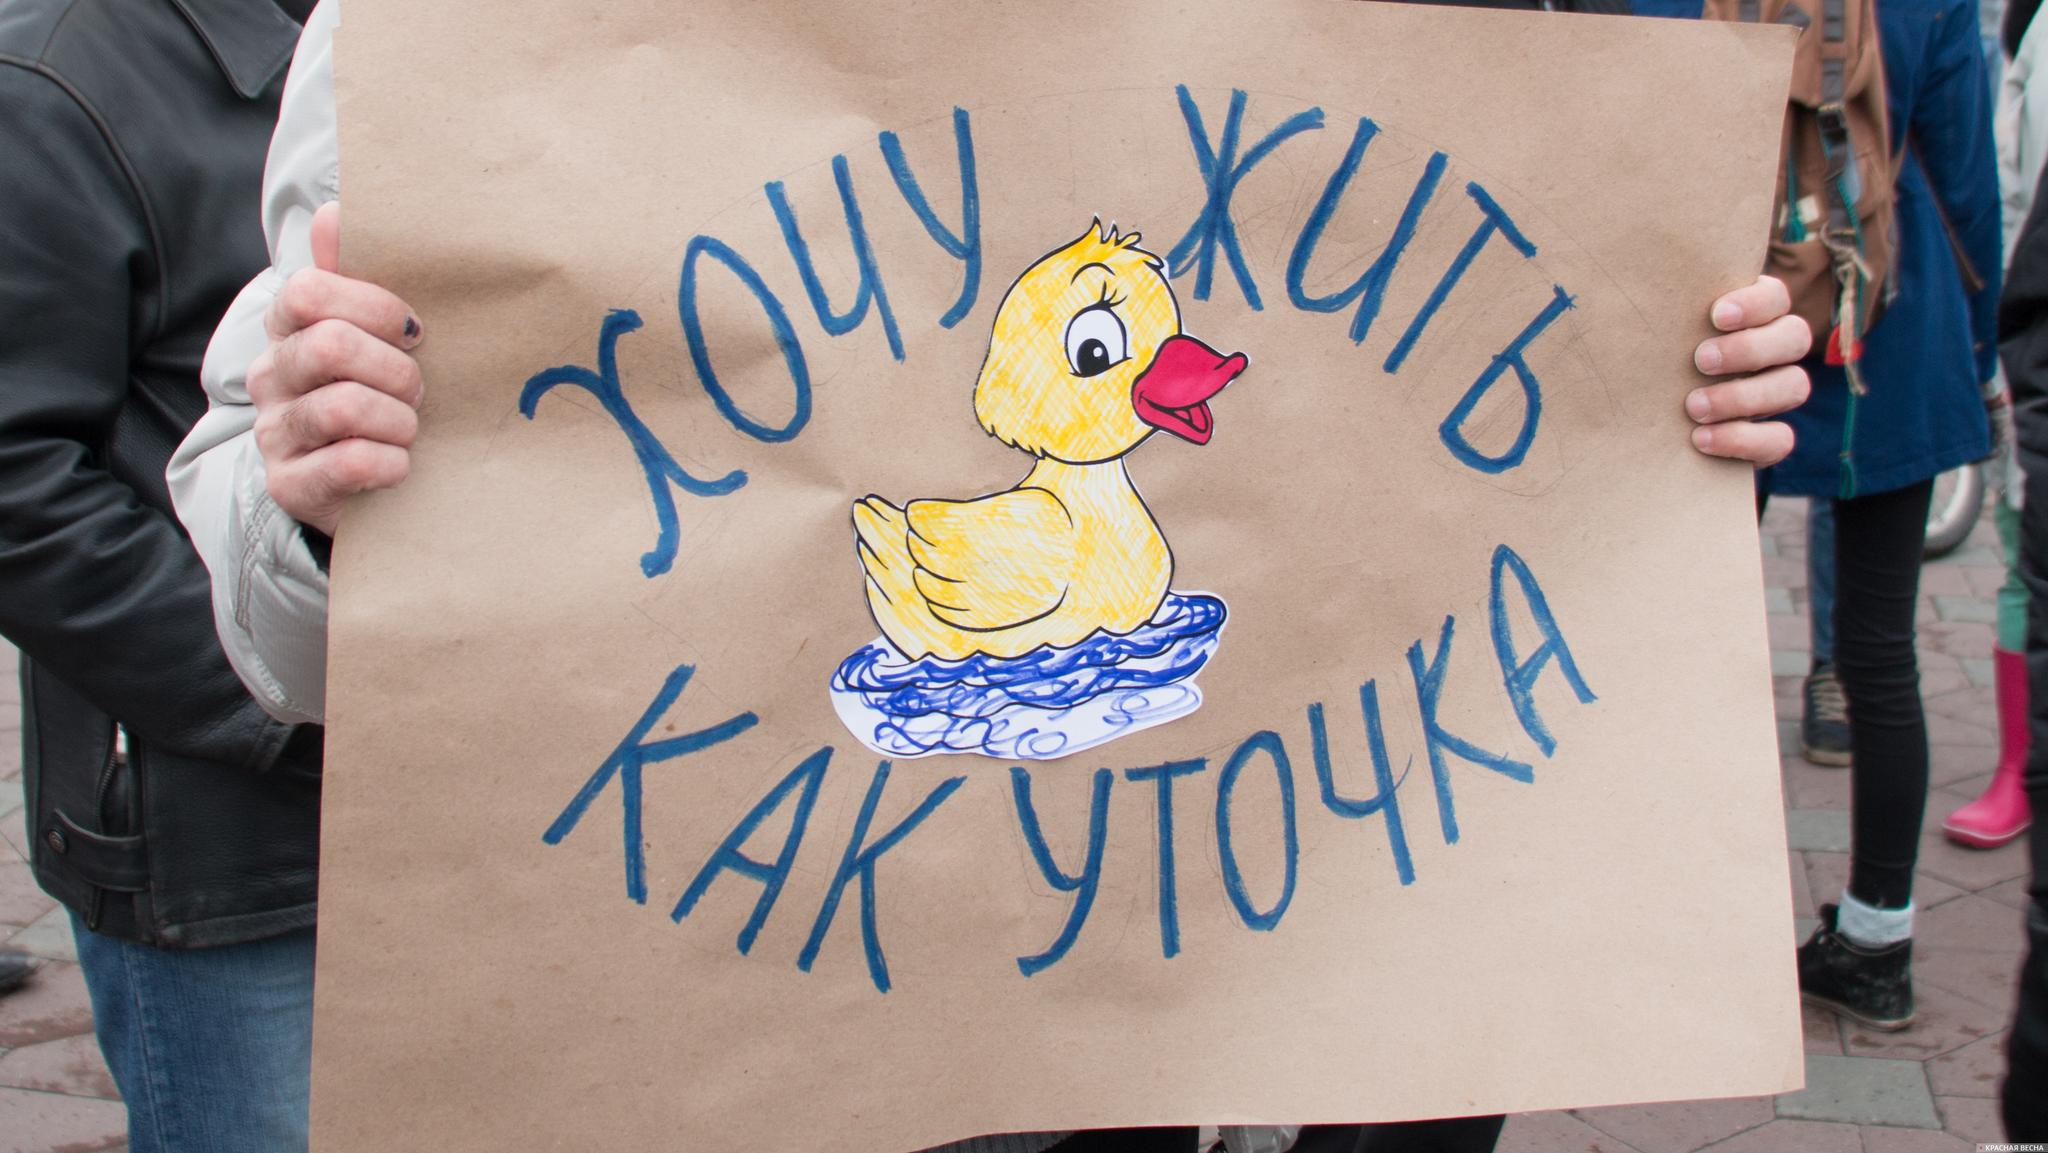 На митинге сторонников  Навального в Екатеринбурге. 26.03.2017 [Андрей Алексеев © ИА Красная Весна]